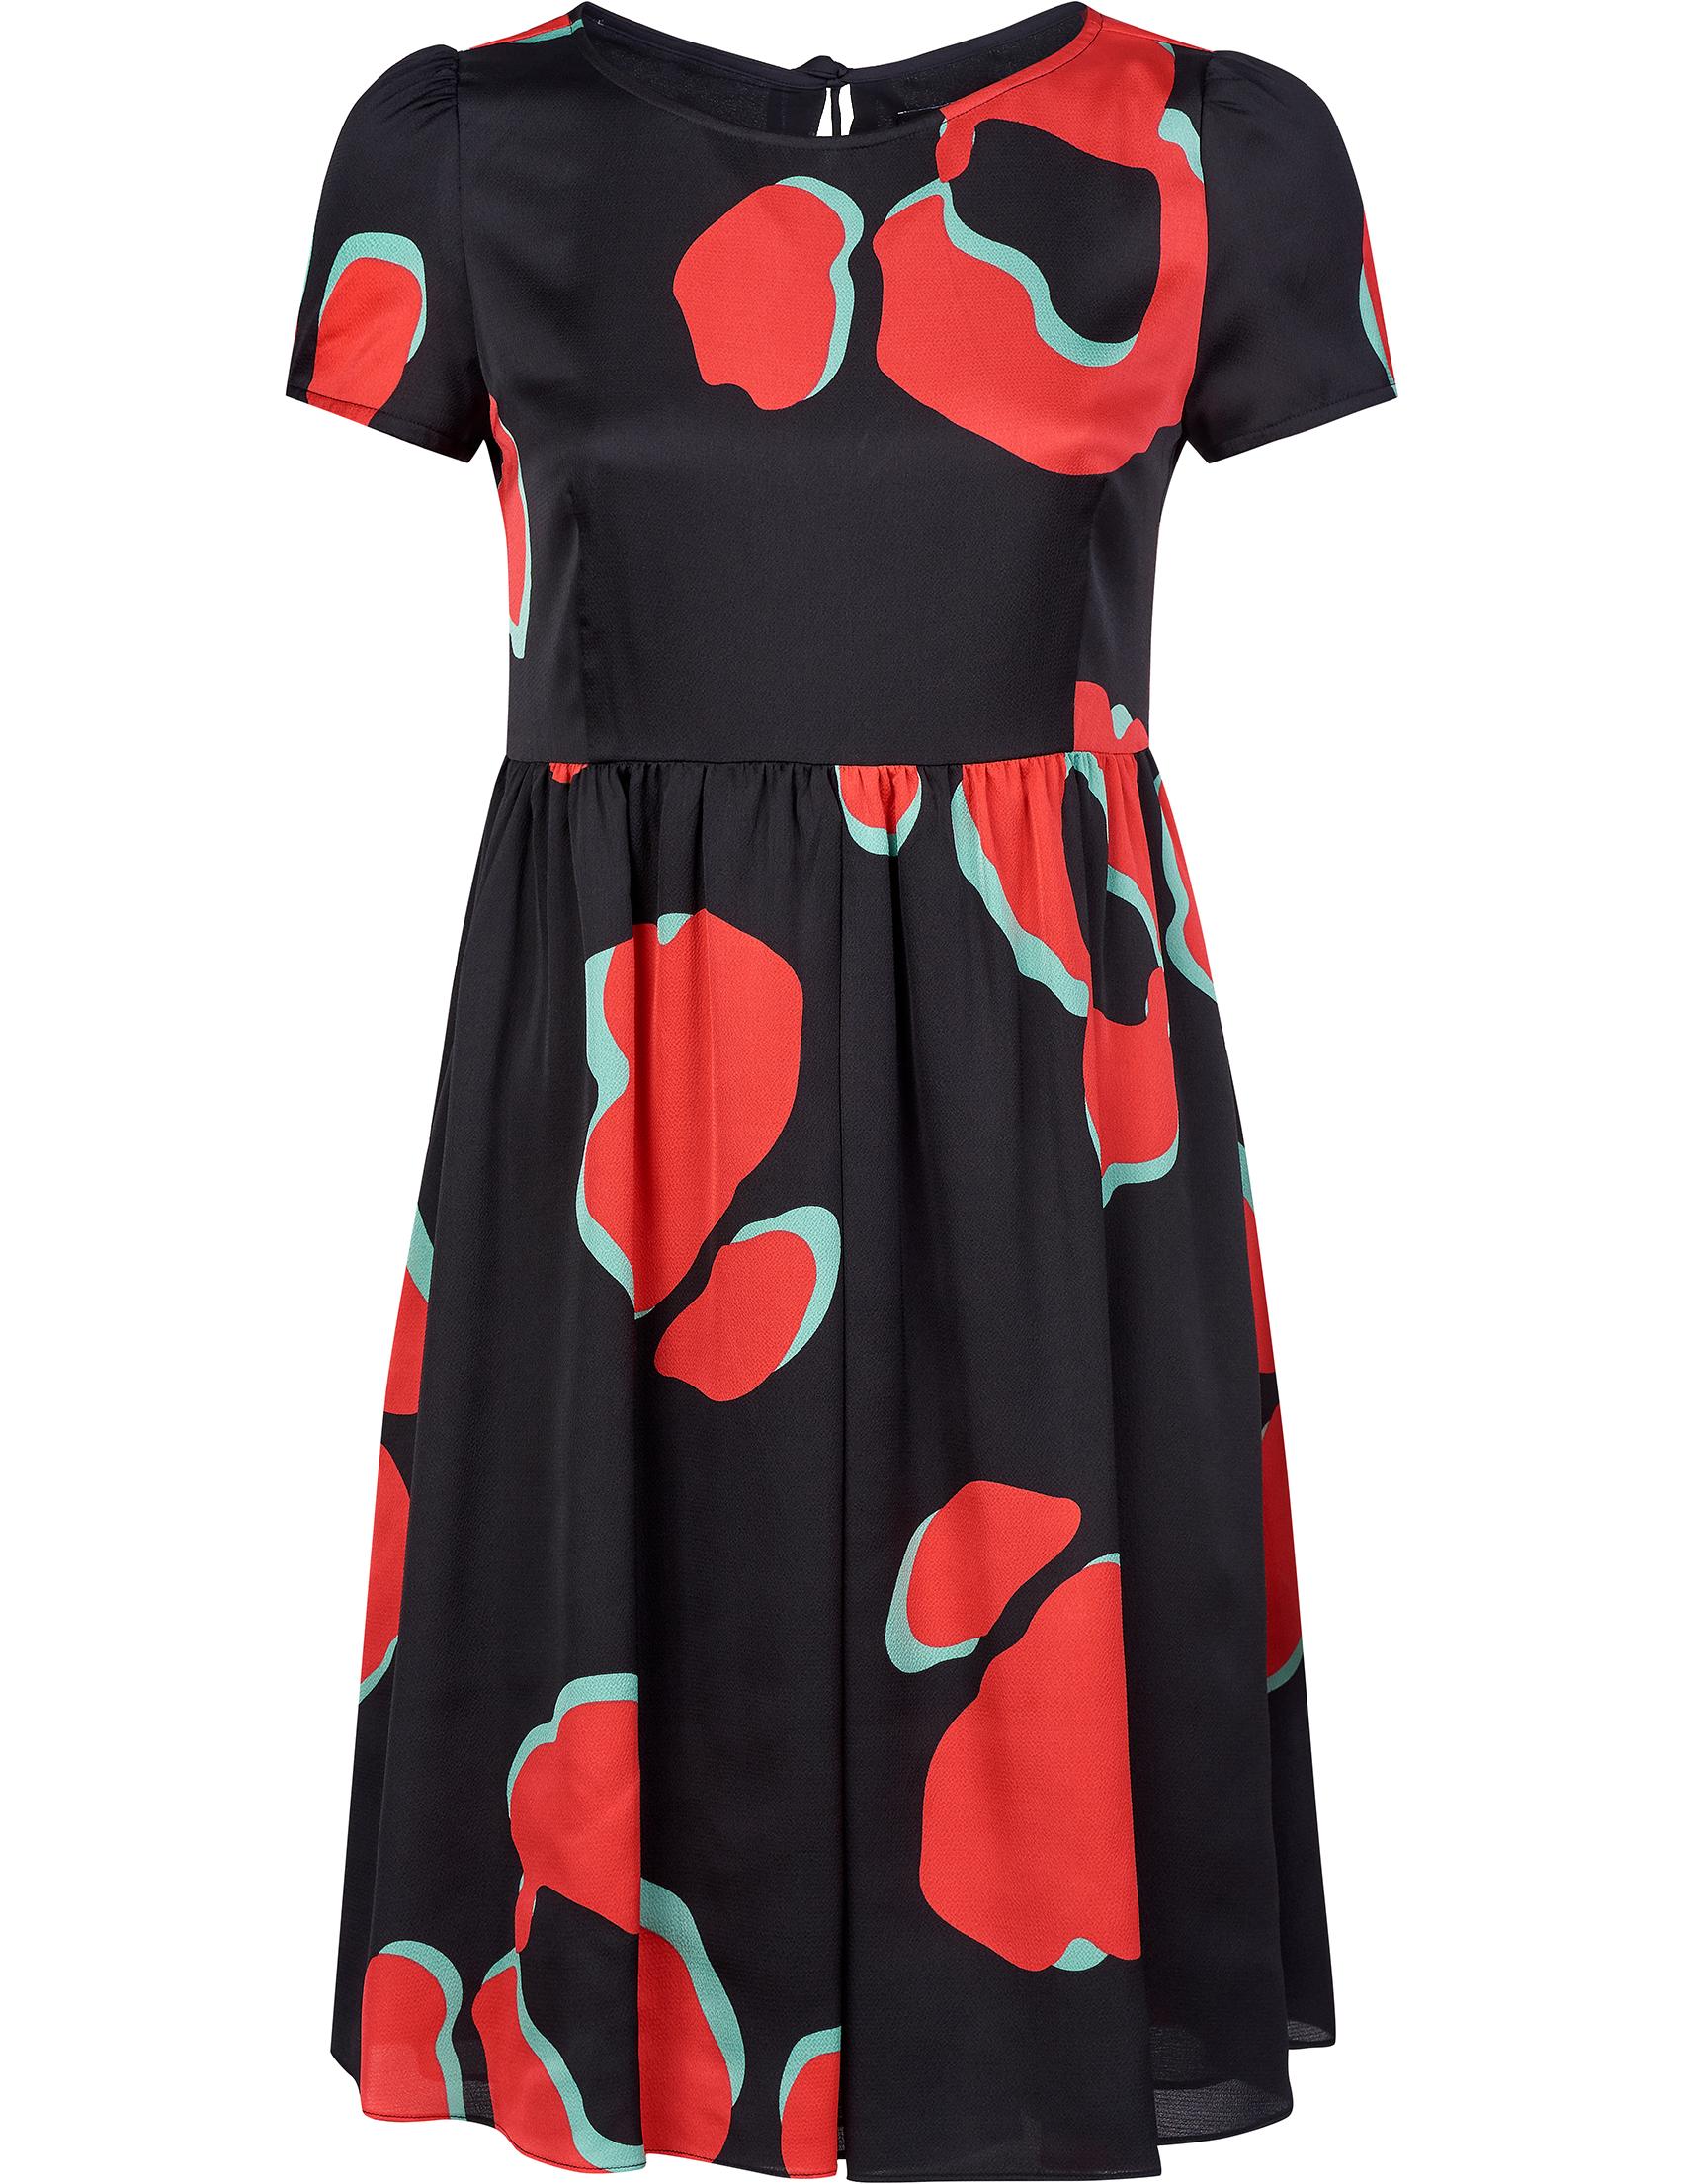 Купить Платья, Платье, EMPORIO ARMANI, Многоцветный, 100%Полиэстер, Осень-Зима